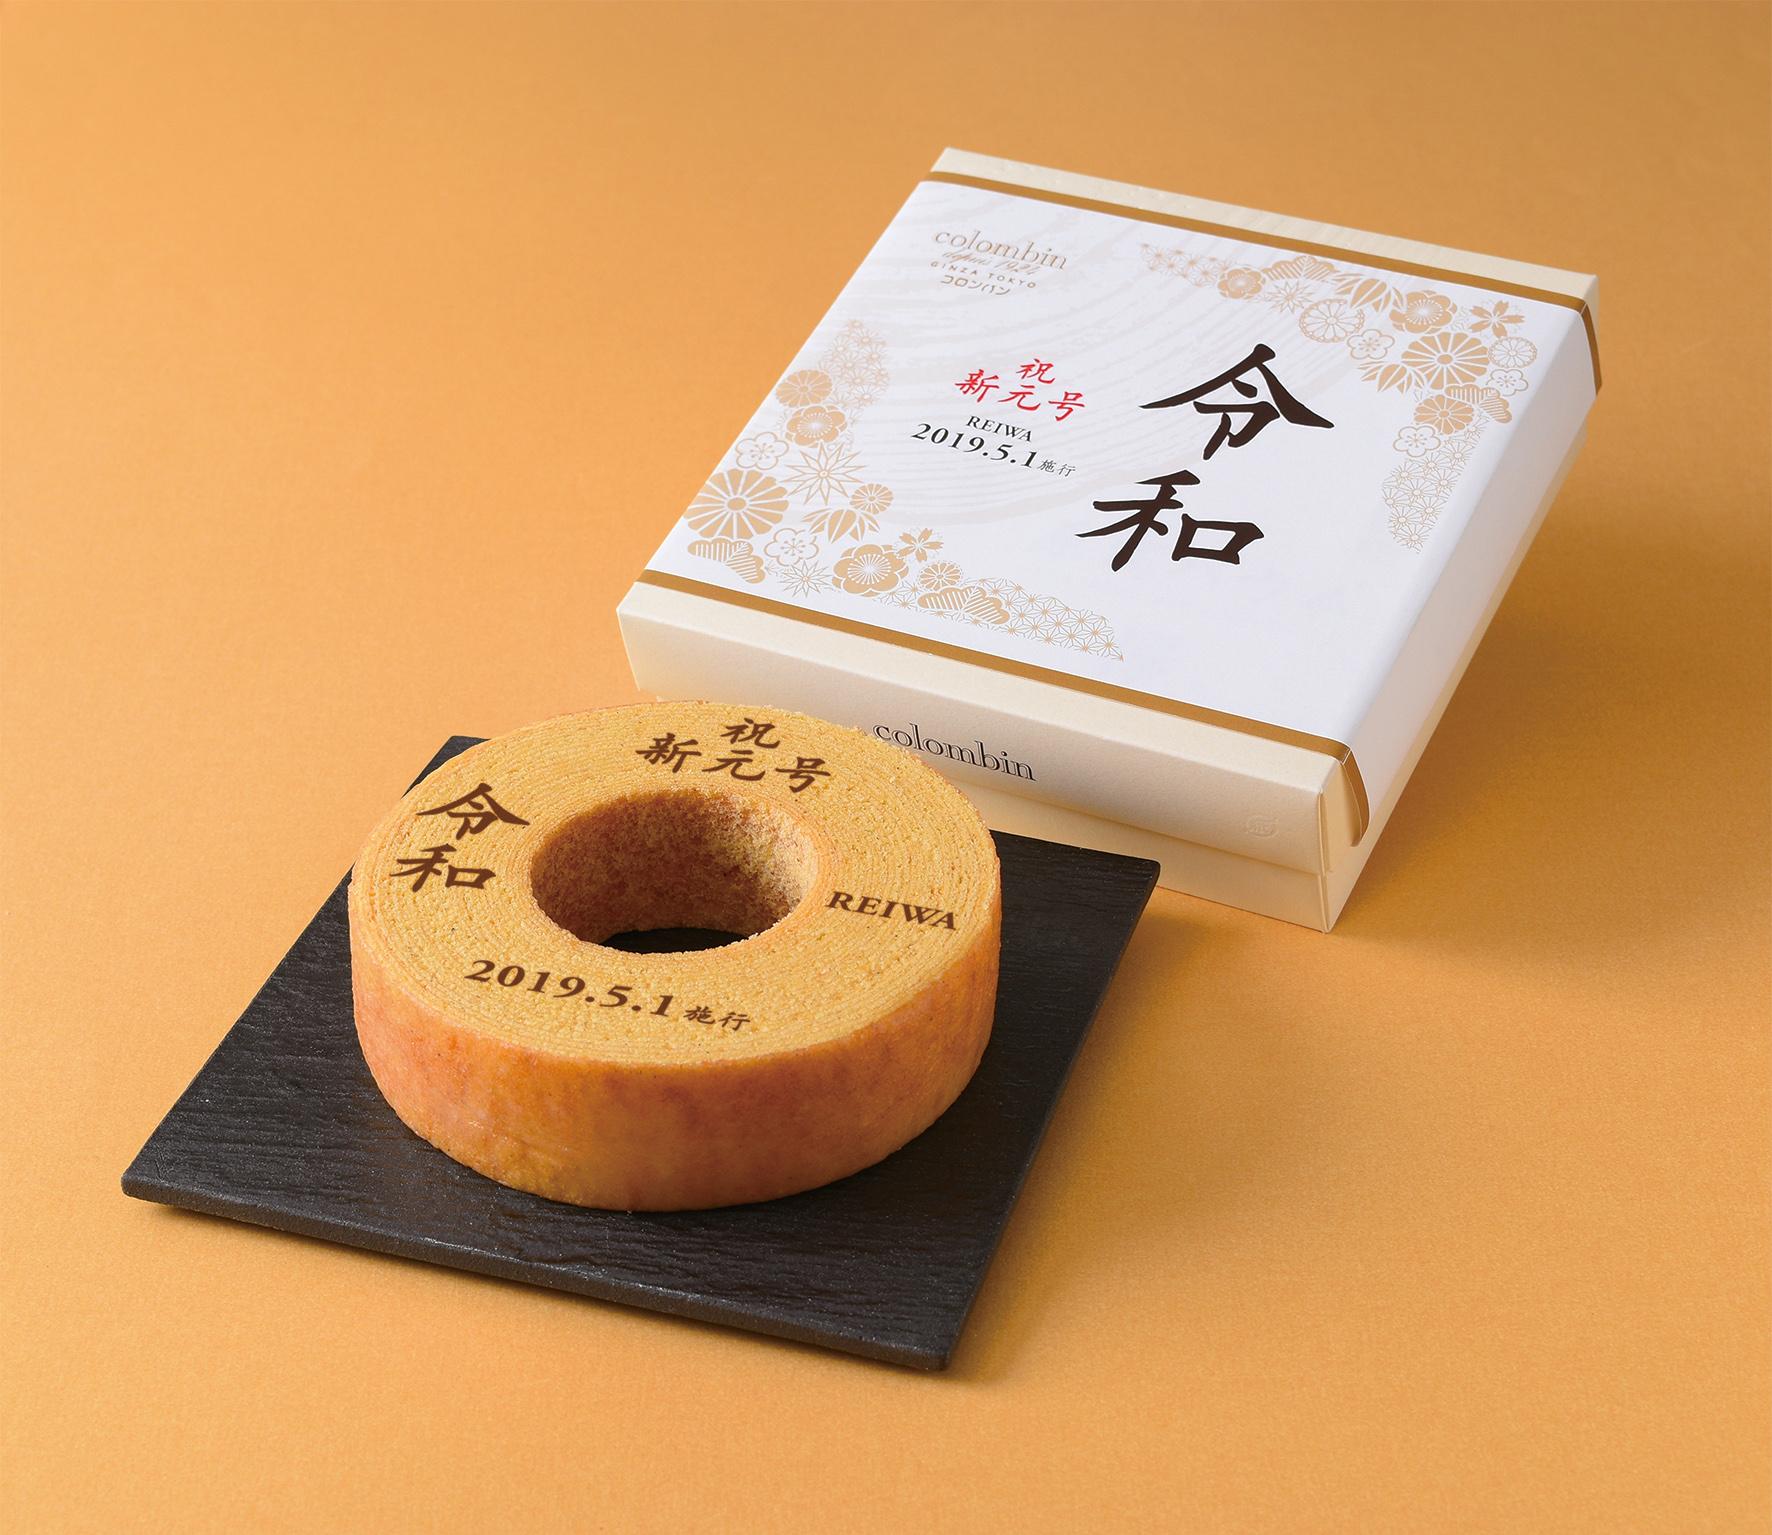 宮内庁御用達の老舗洋菓子メーカーのコロンバンから原宿はちみつを使った『新元号記念バウム』が発売!